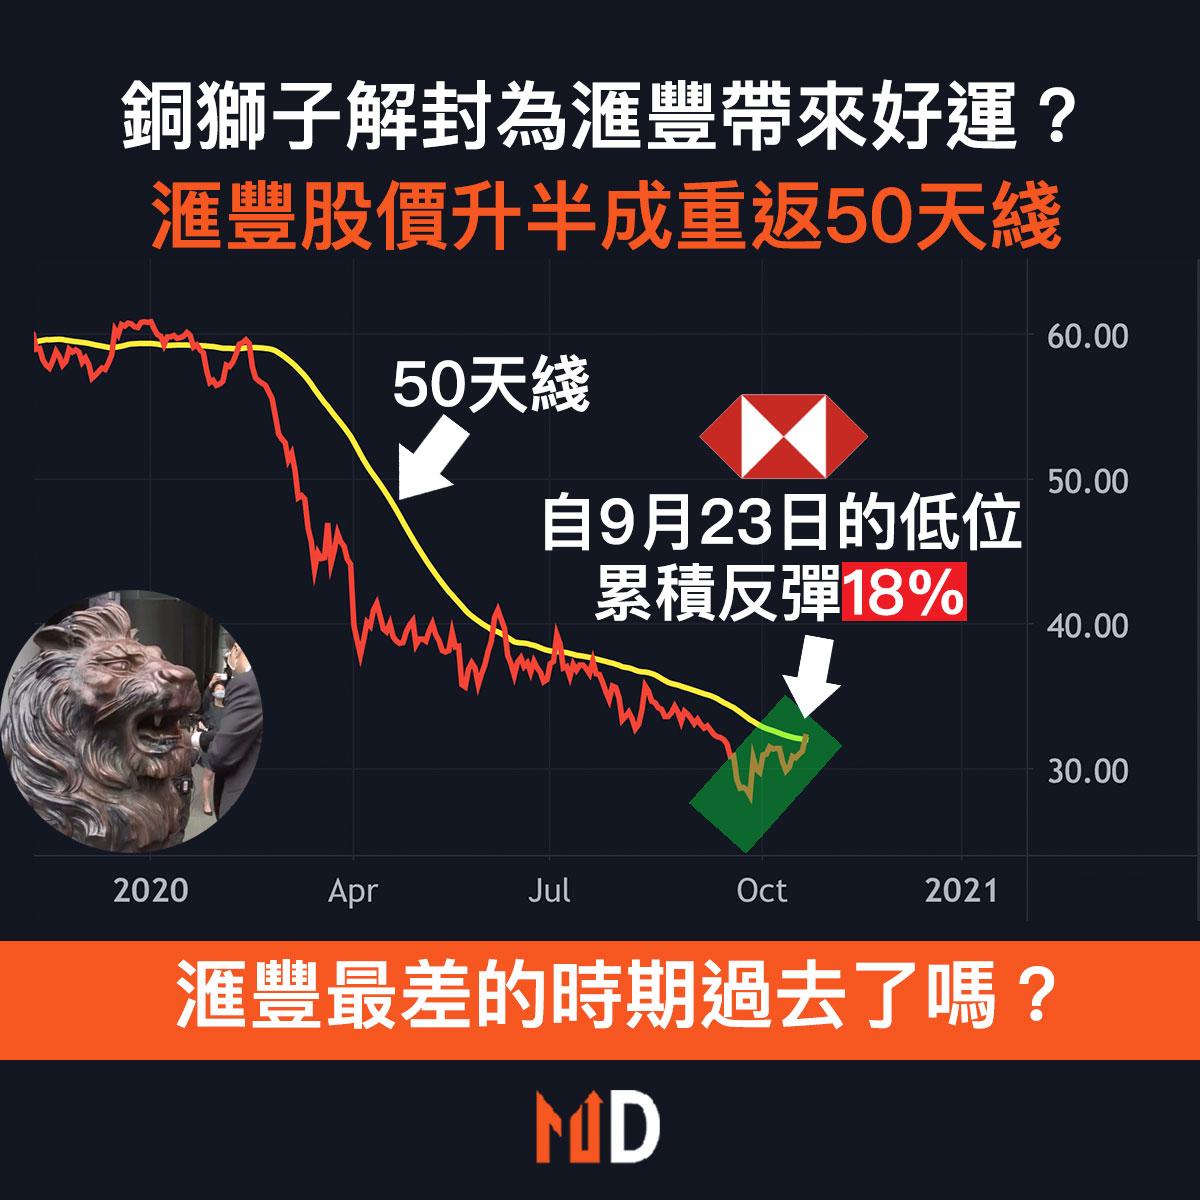 滙豐股價走勢如何?